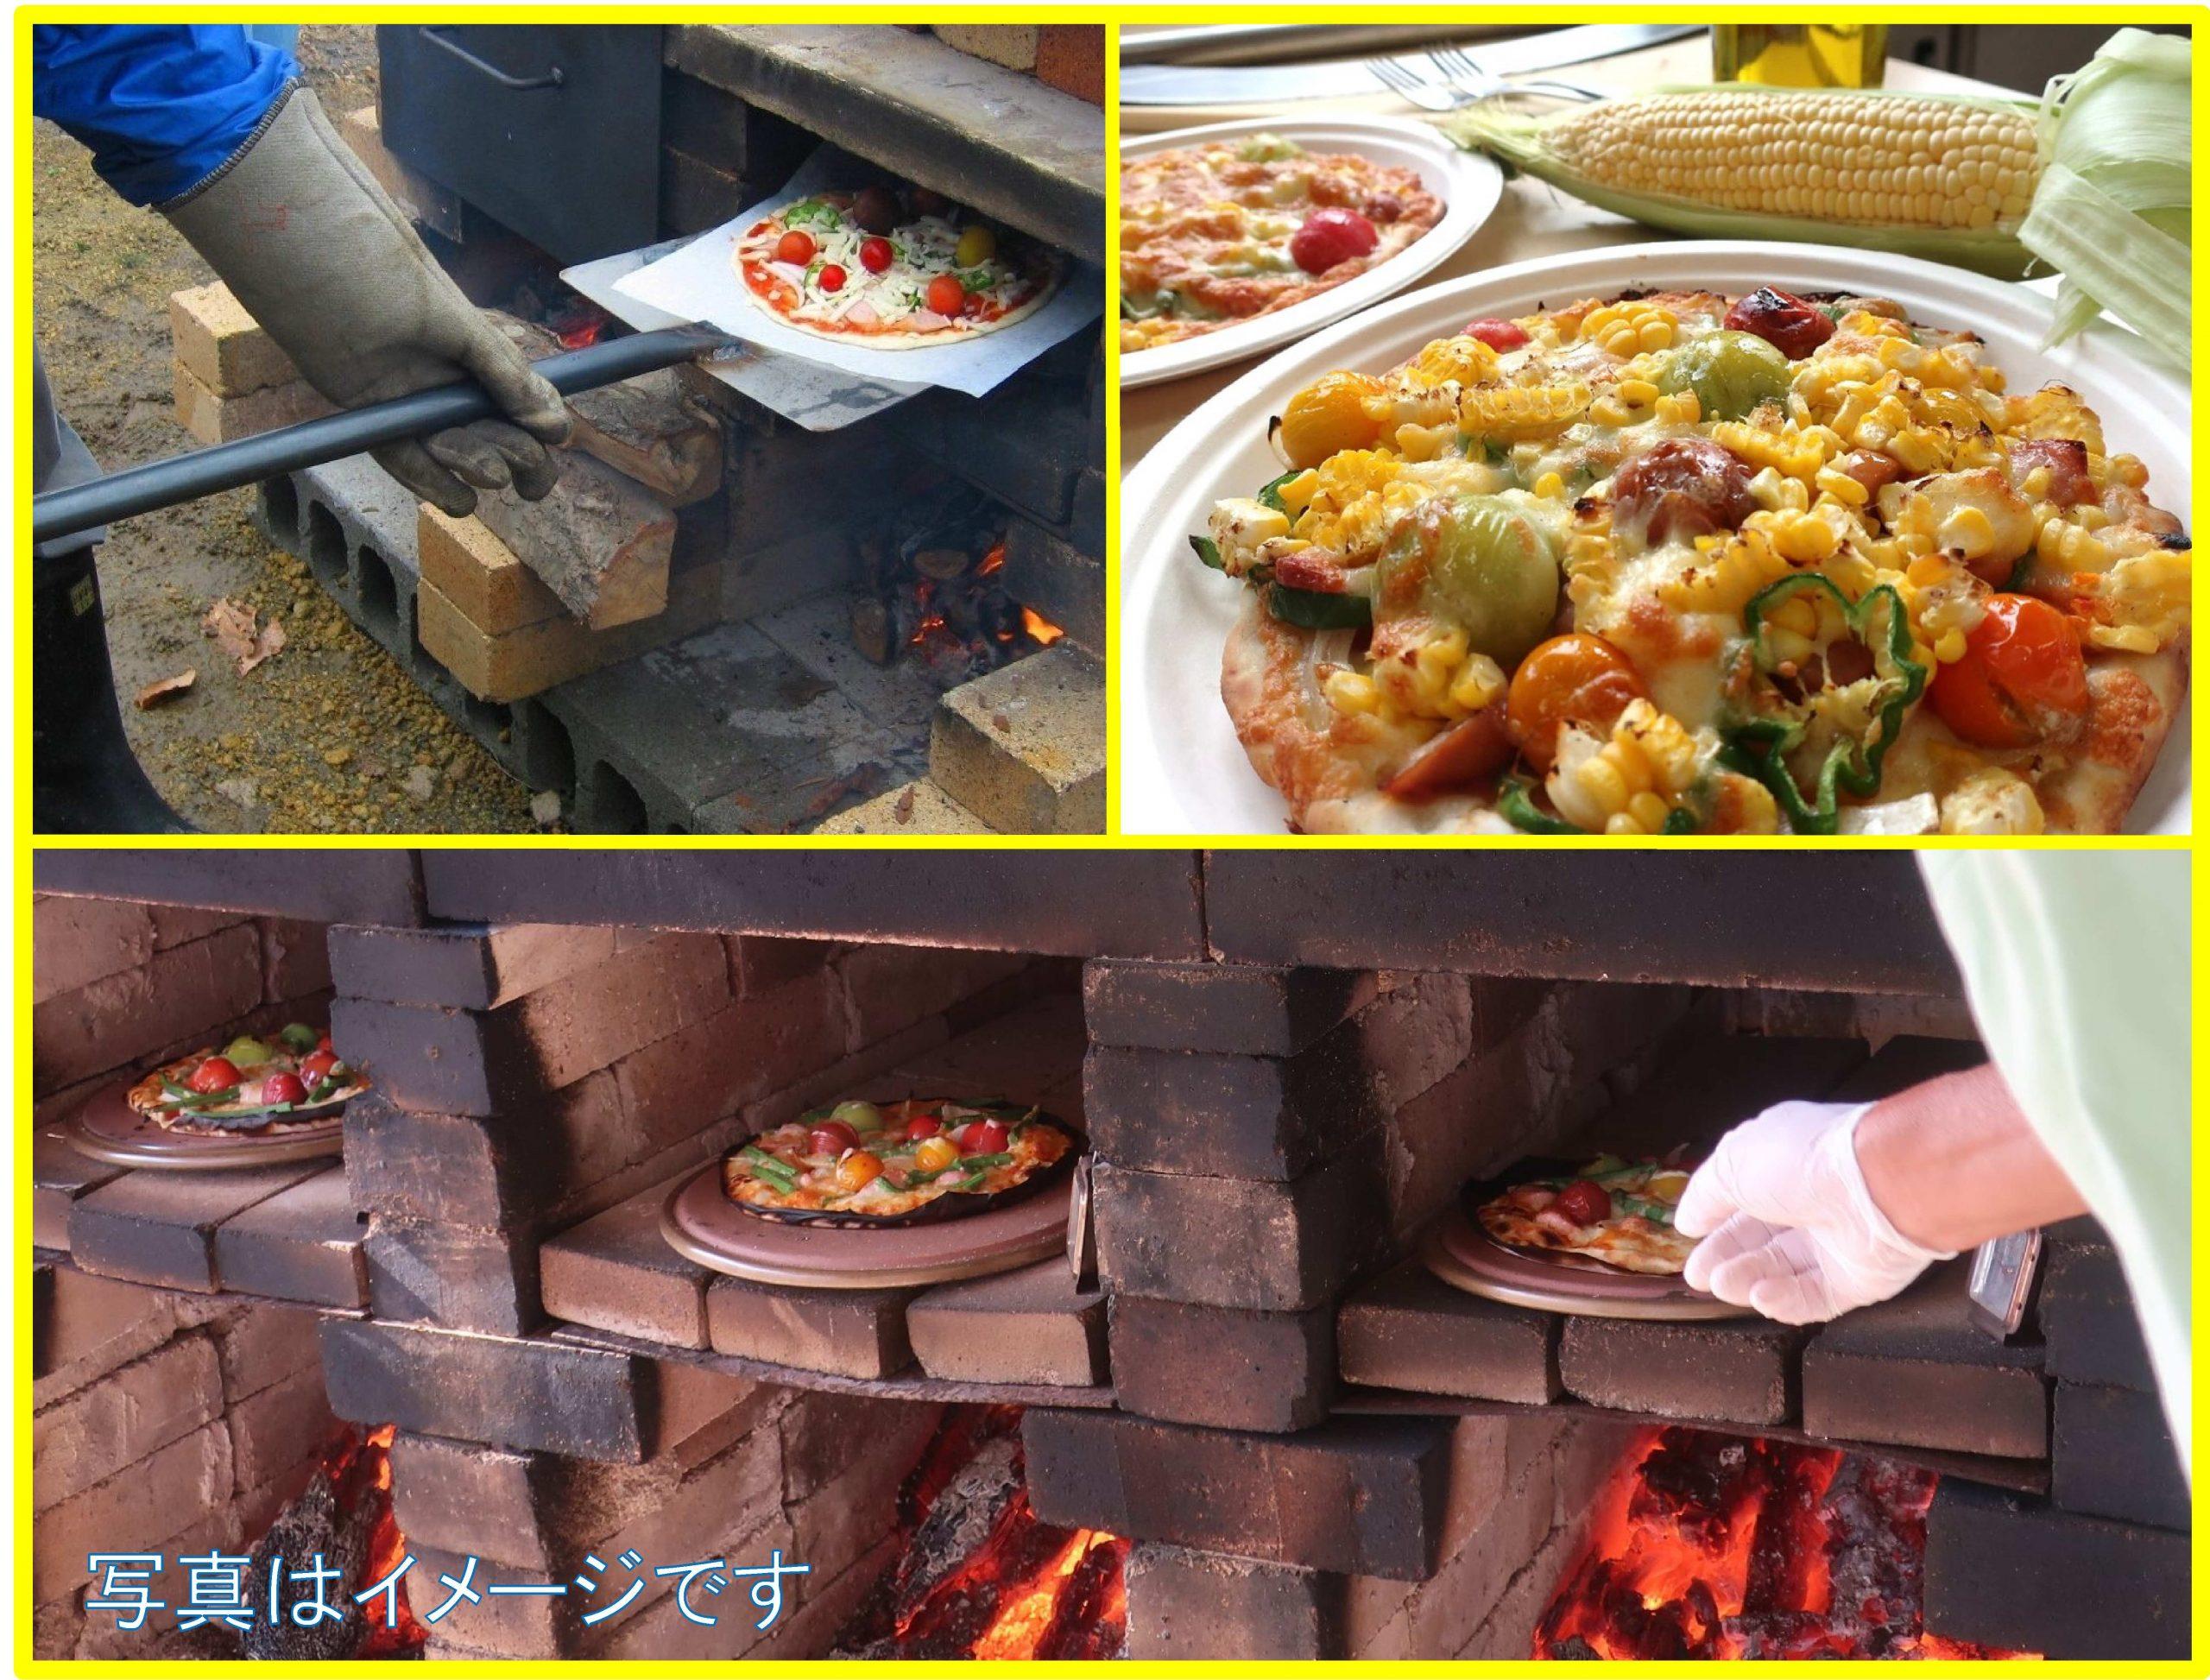 【杜の感謝祭】 夏野菜を収穫して窯焼きピザを作ろう